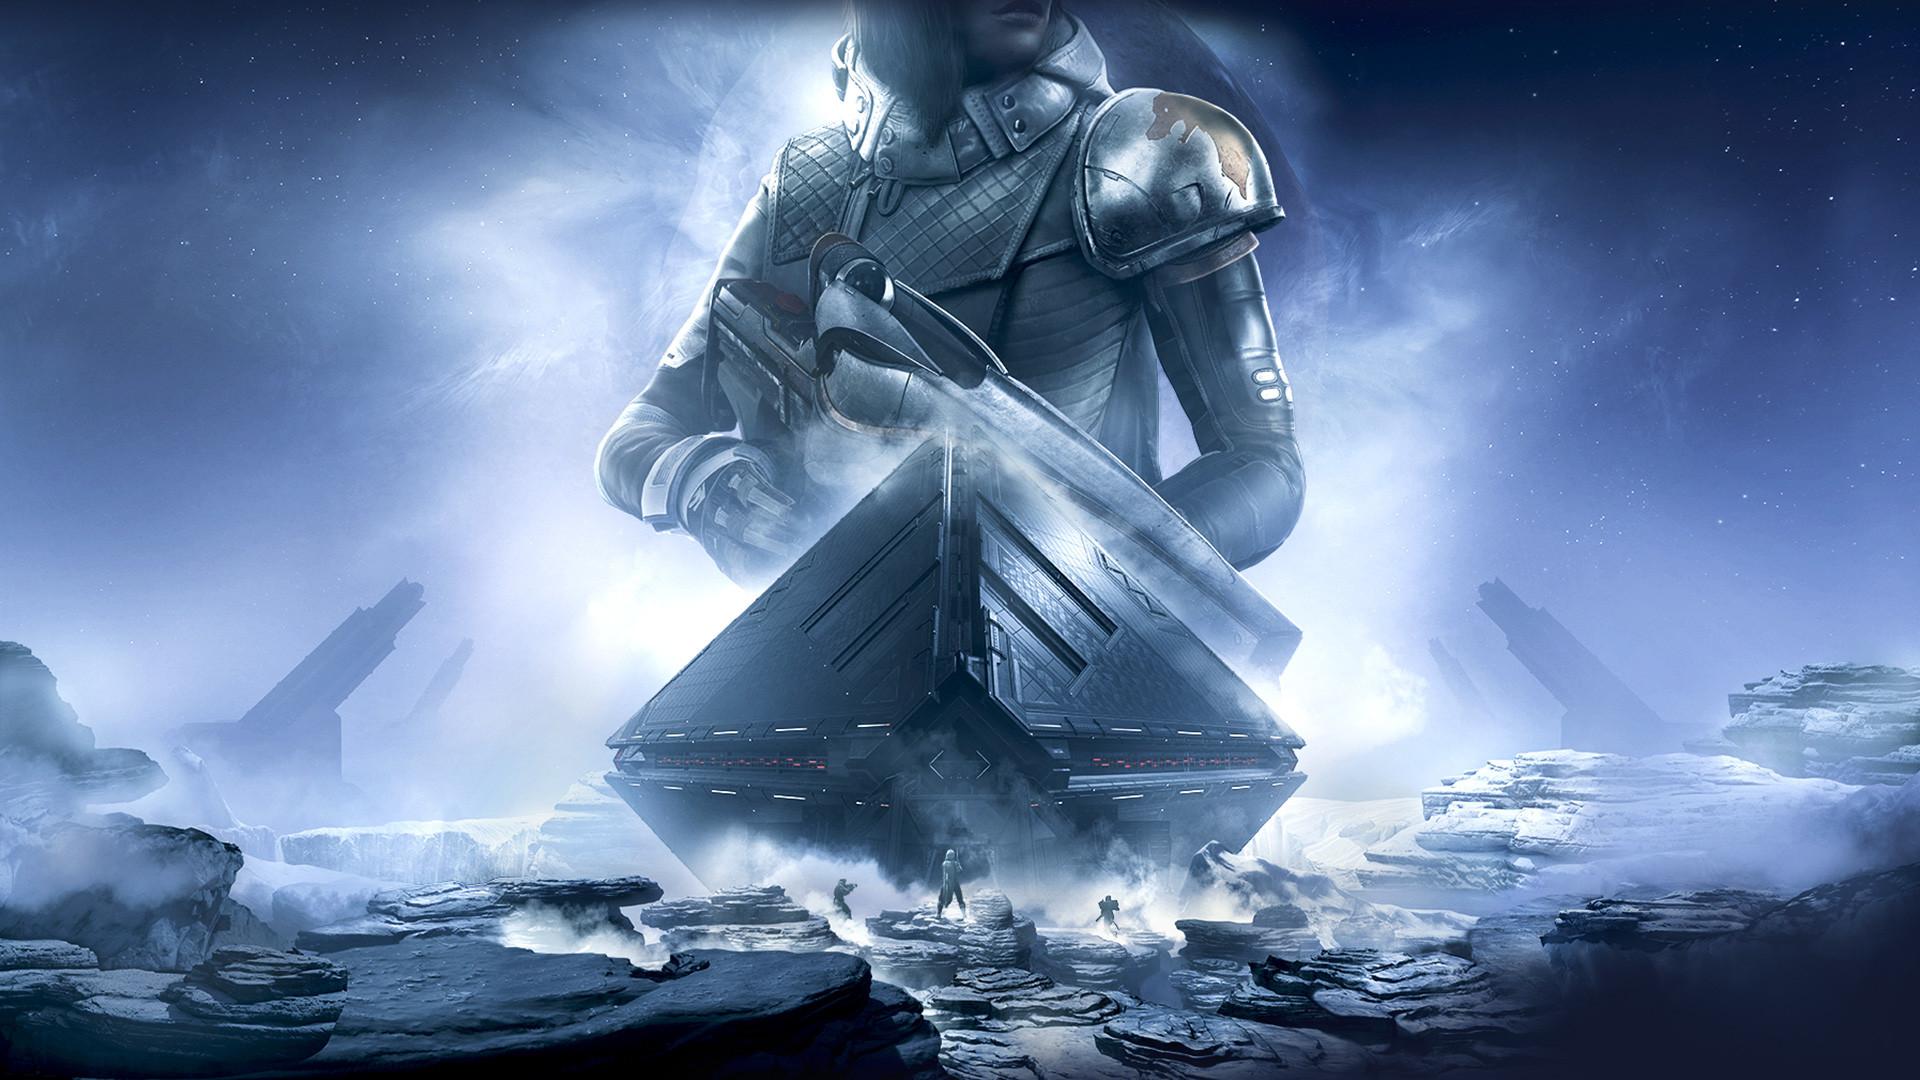 Destiny 2 1080p   Data Src Destiny 1080p Wallpaper - Destiny 2 Warmind , HD Wallpaper & Backgrounds